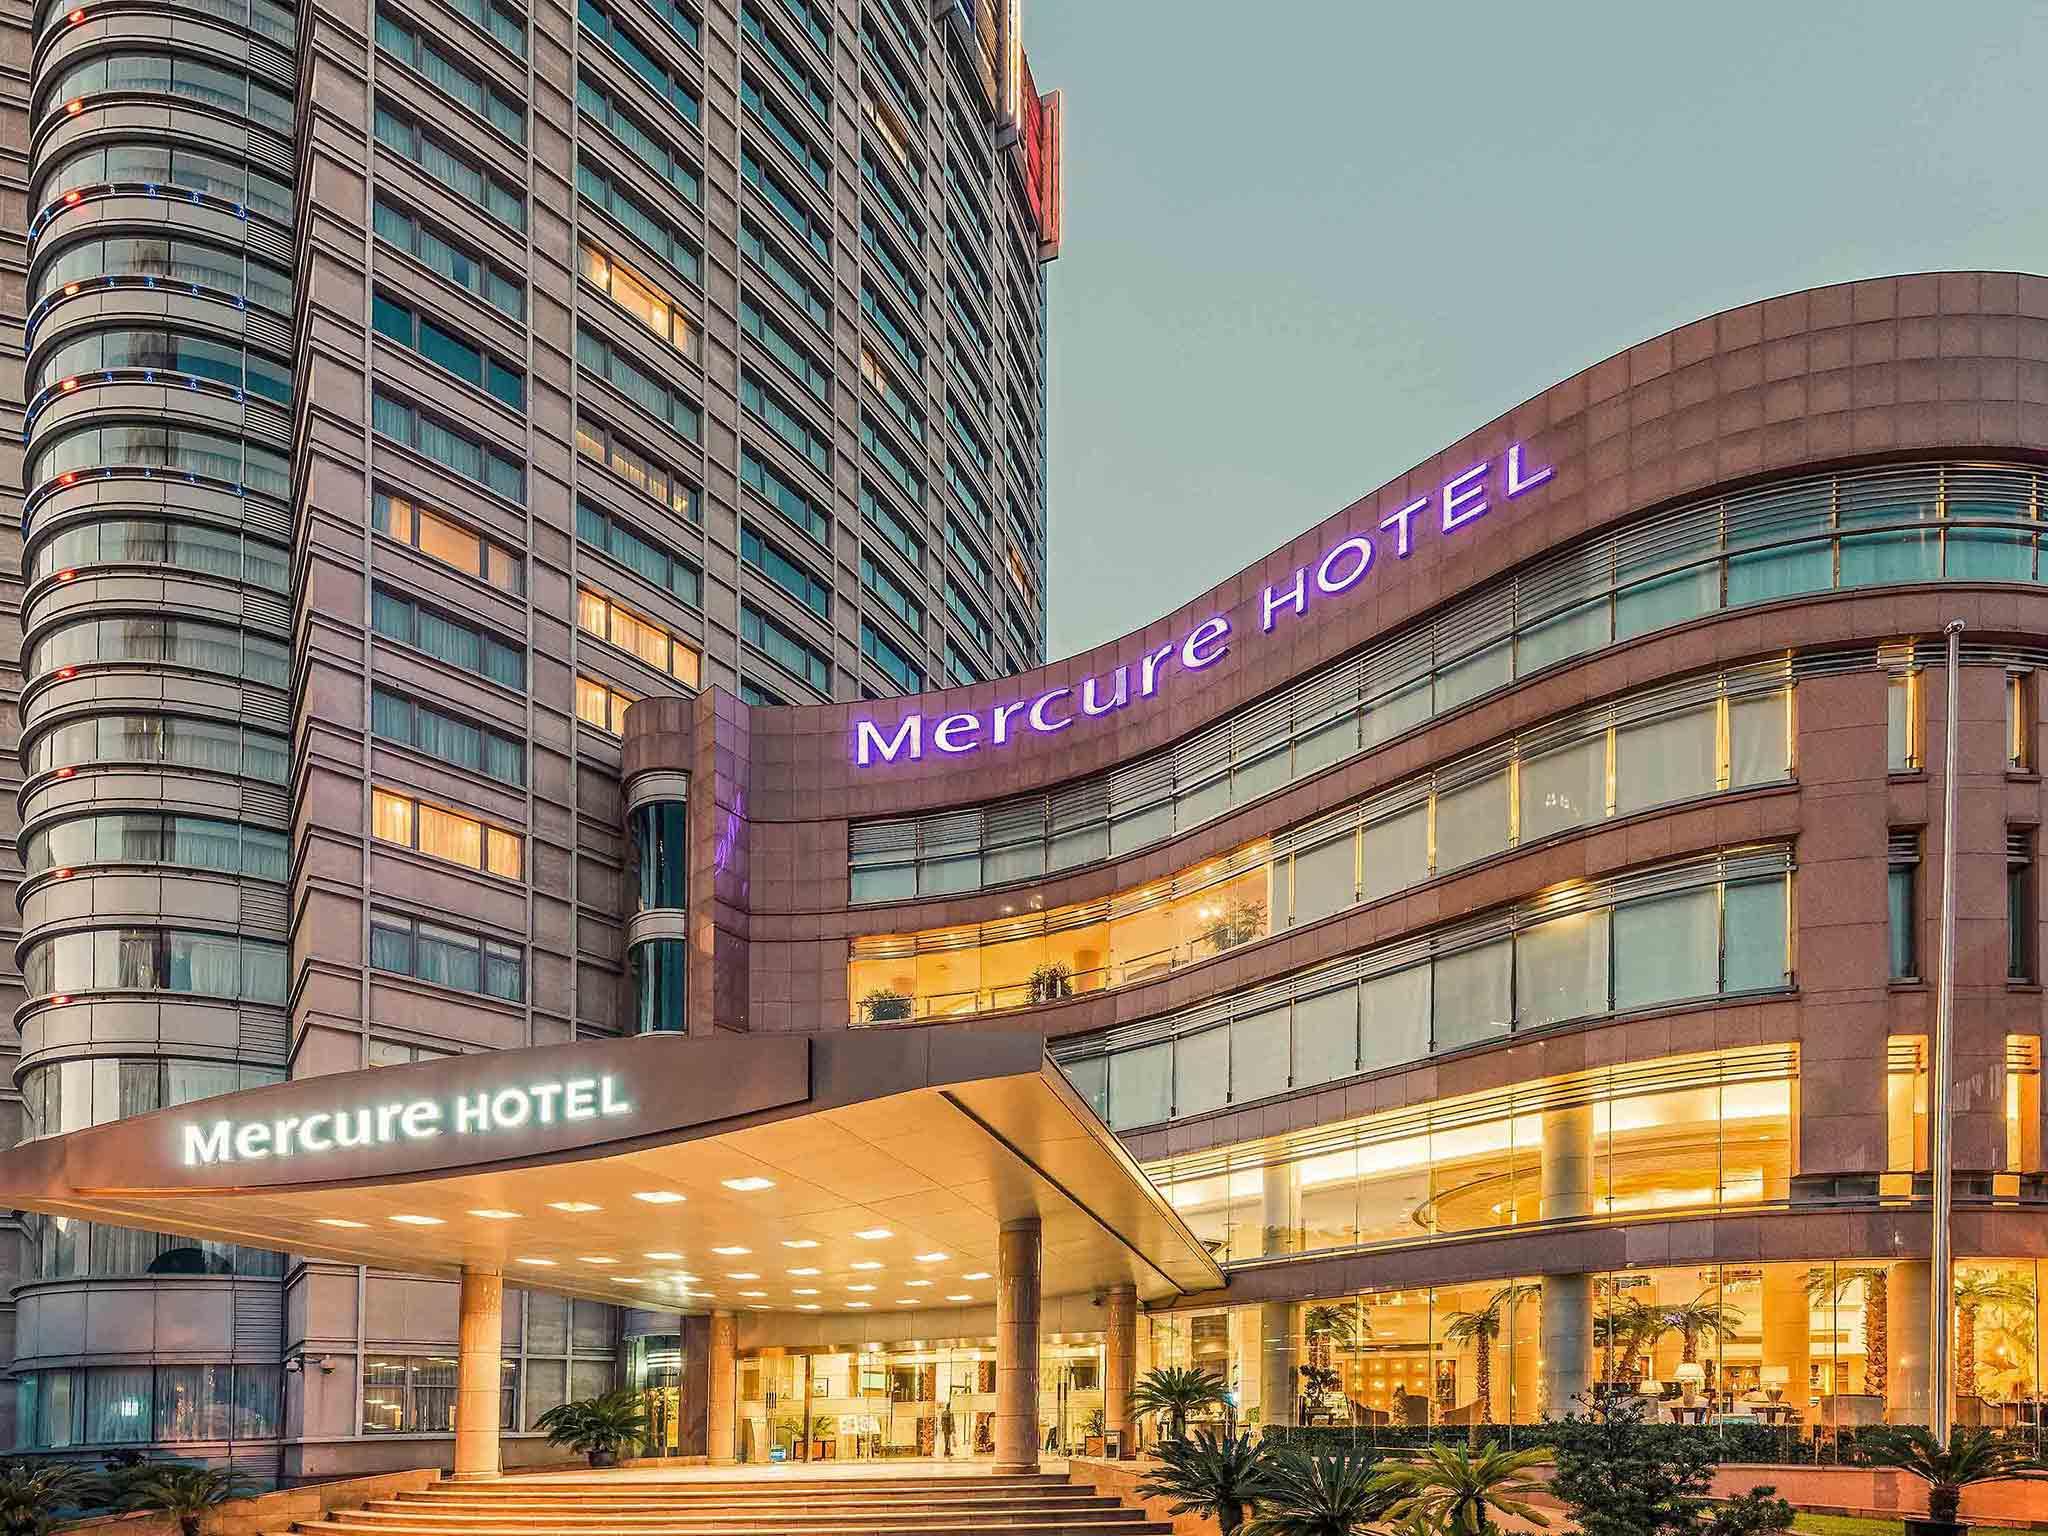 โรงแรม – เมอร์เคียว เซี่ยงไฮ้ รอยัลตัน